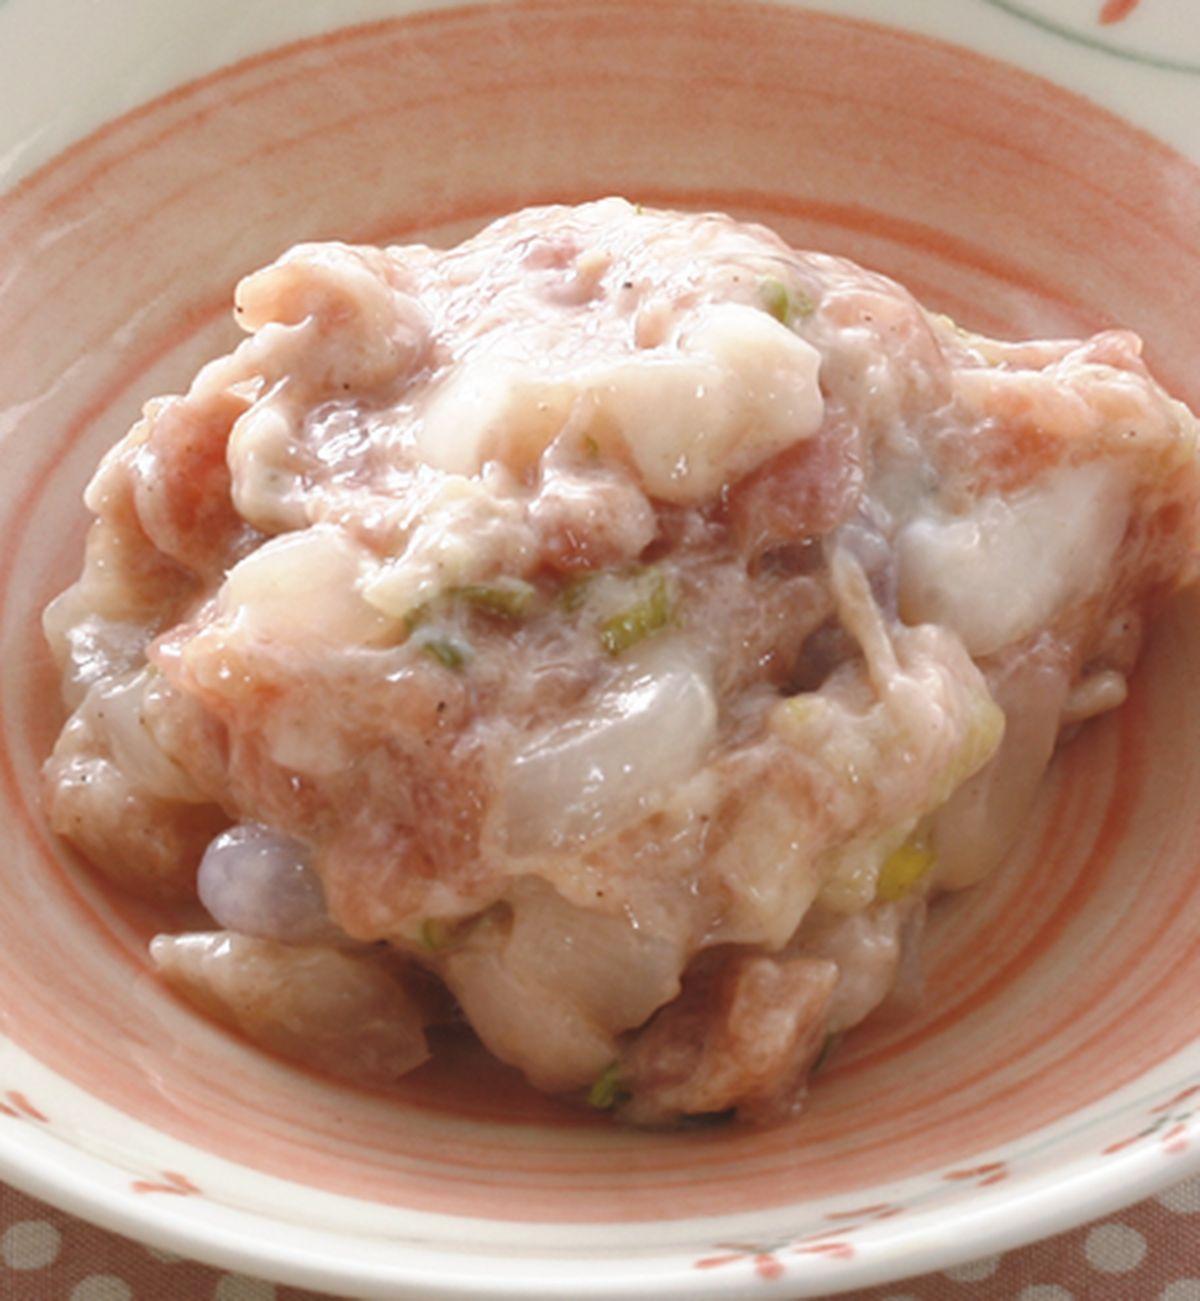 食譜:鮮干貝豬肉蒸餃